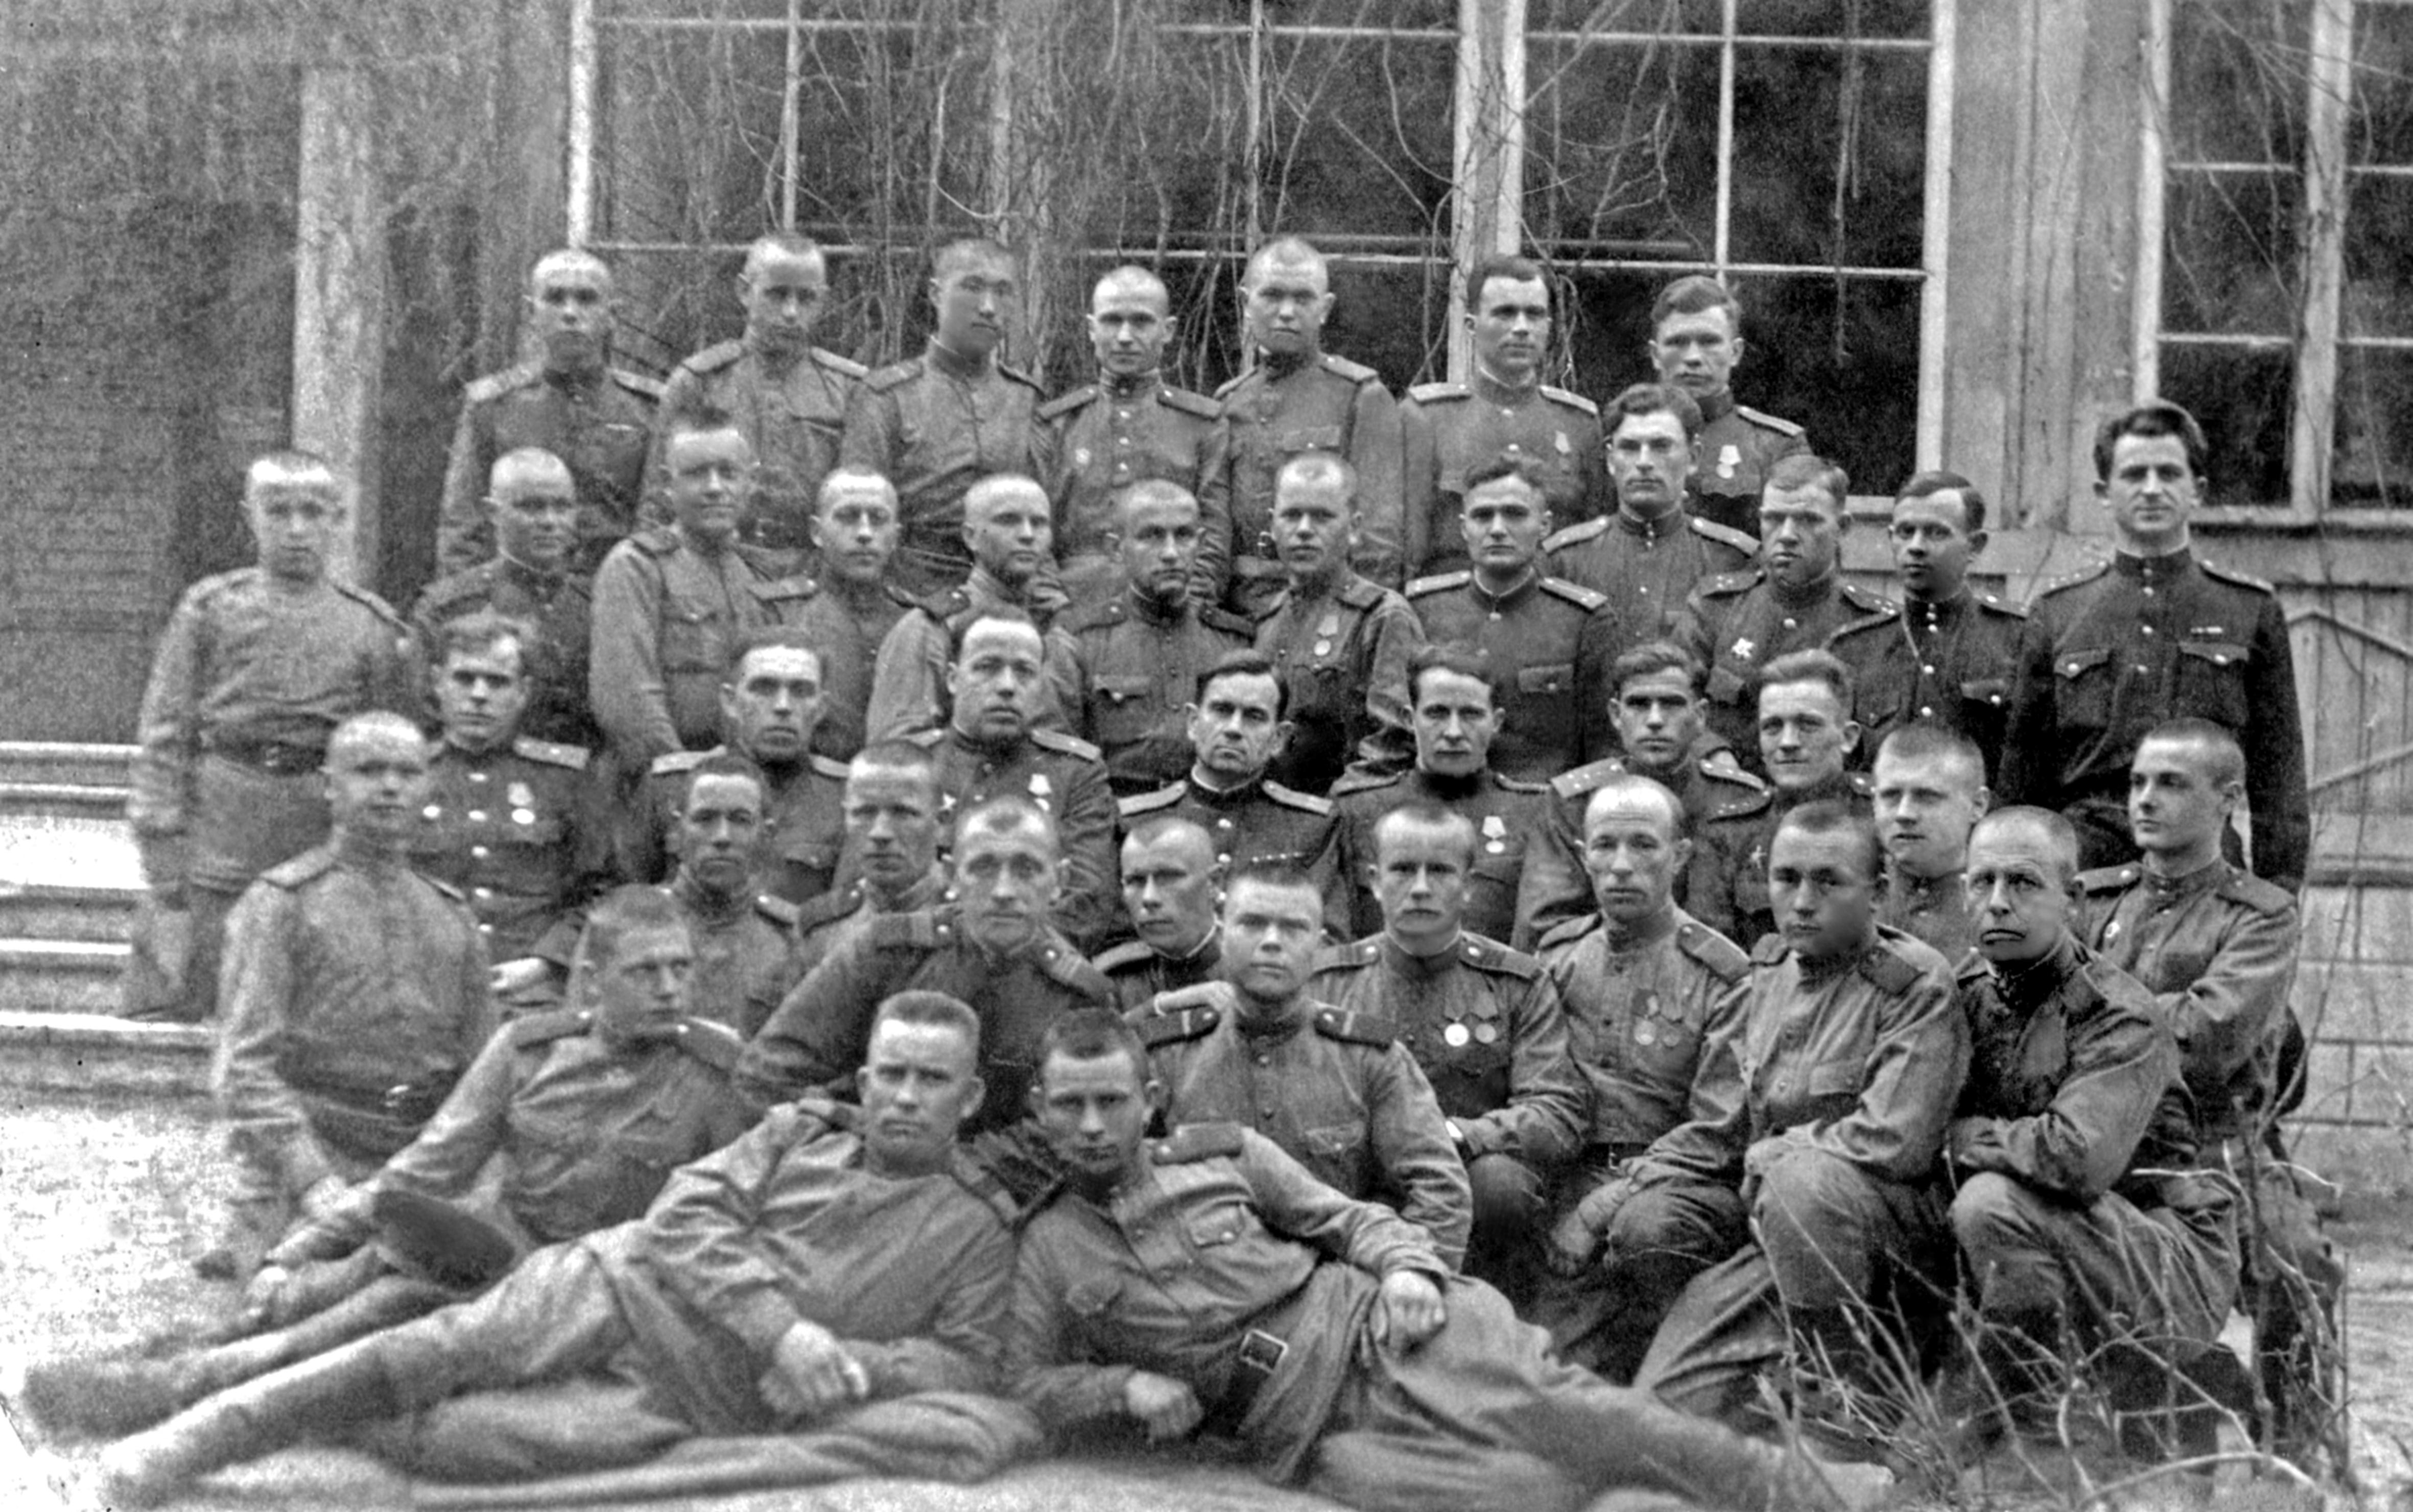 военный архив фото акишин а в содержит ряд сердечных